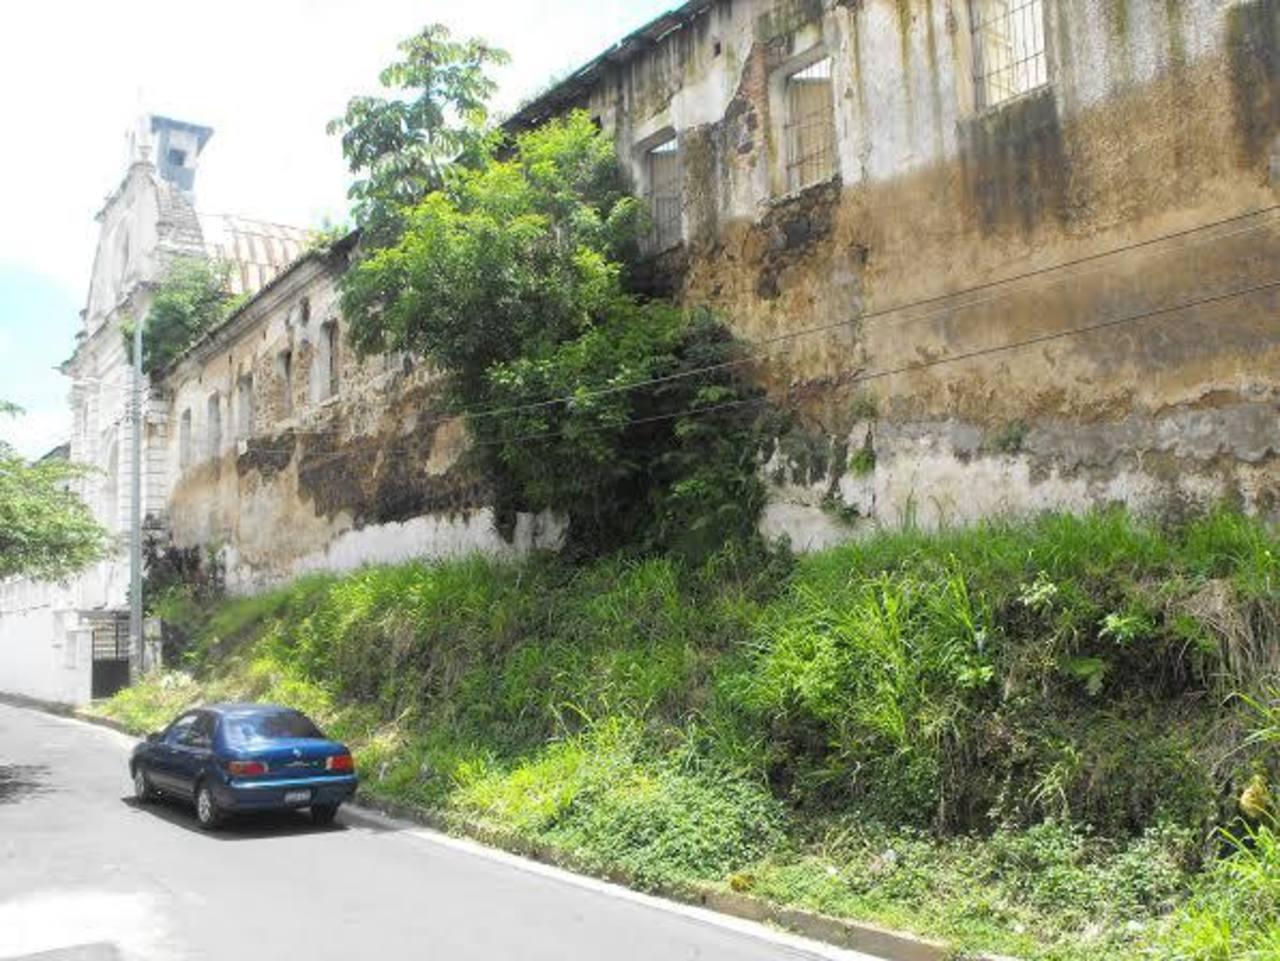 Peatones y automovilistas que transitan por la zona consideran que el deterioro del muro es un riesgo permanente. Foto EDH / Mauricio Guevara